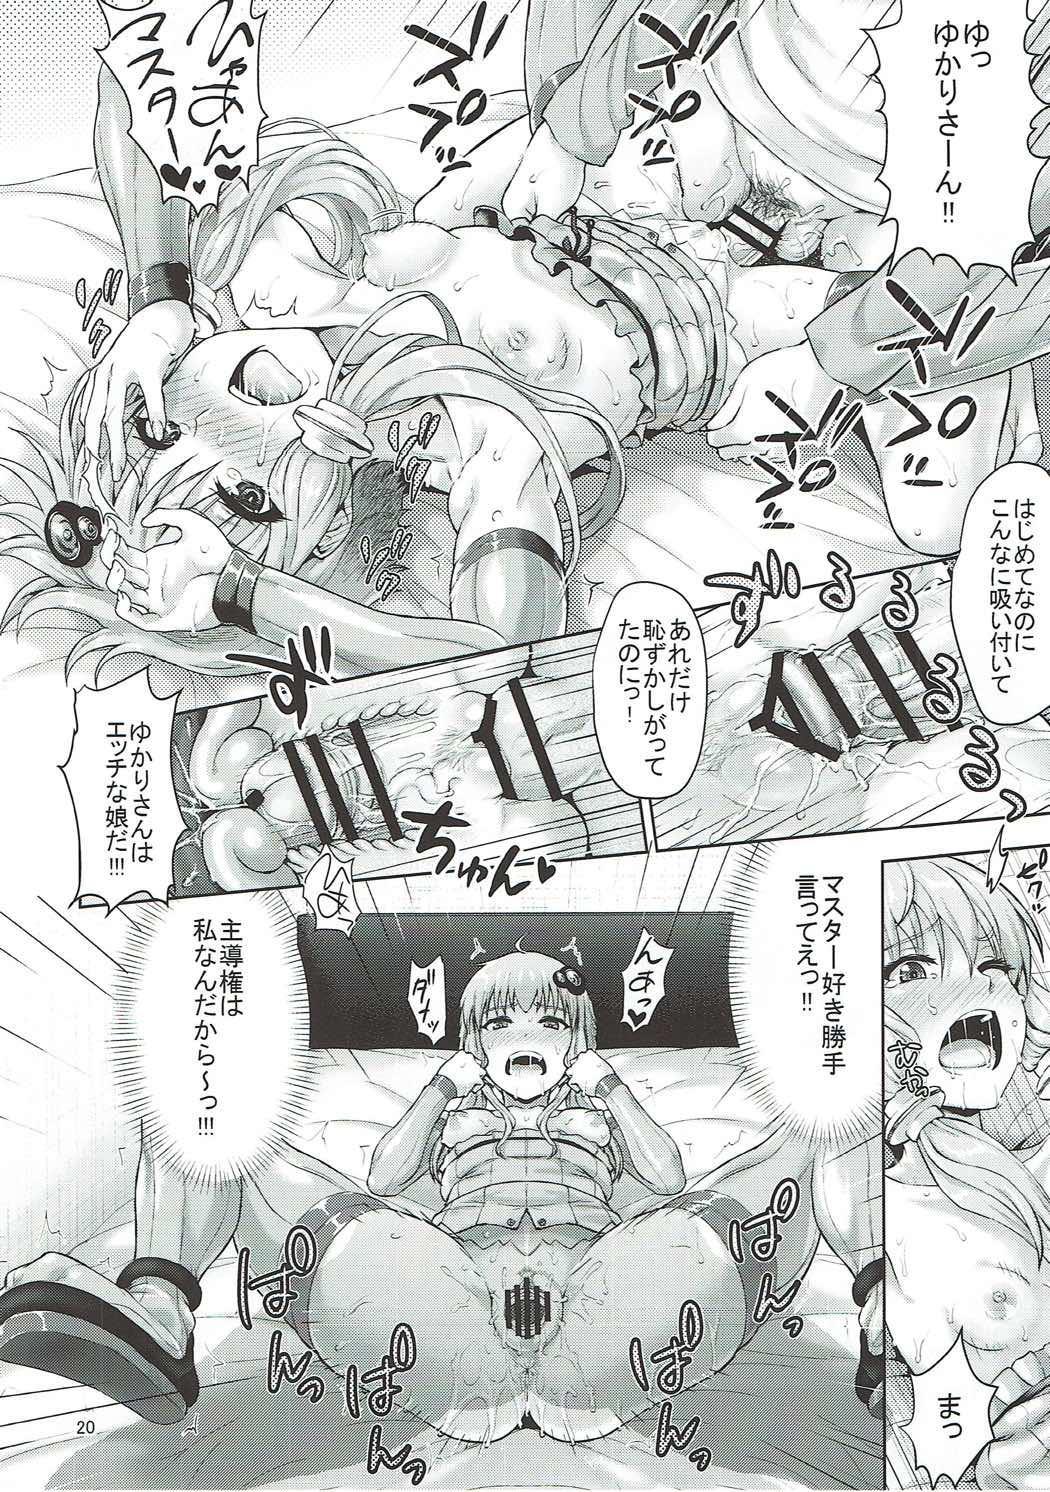 Yukari-san wa Zenzen Erokunai desu kara!!! 18